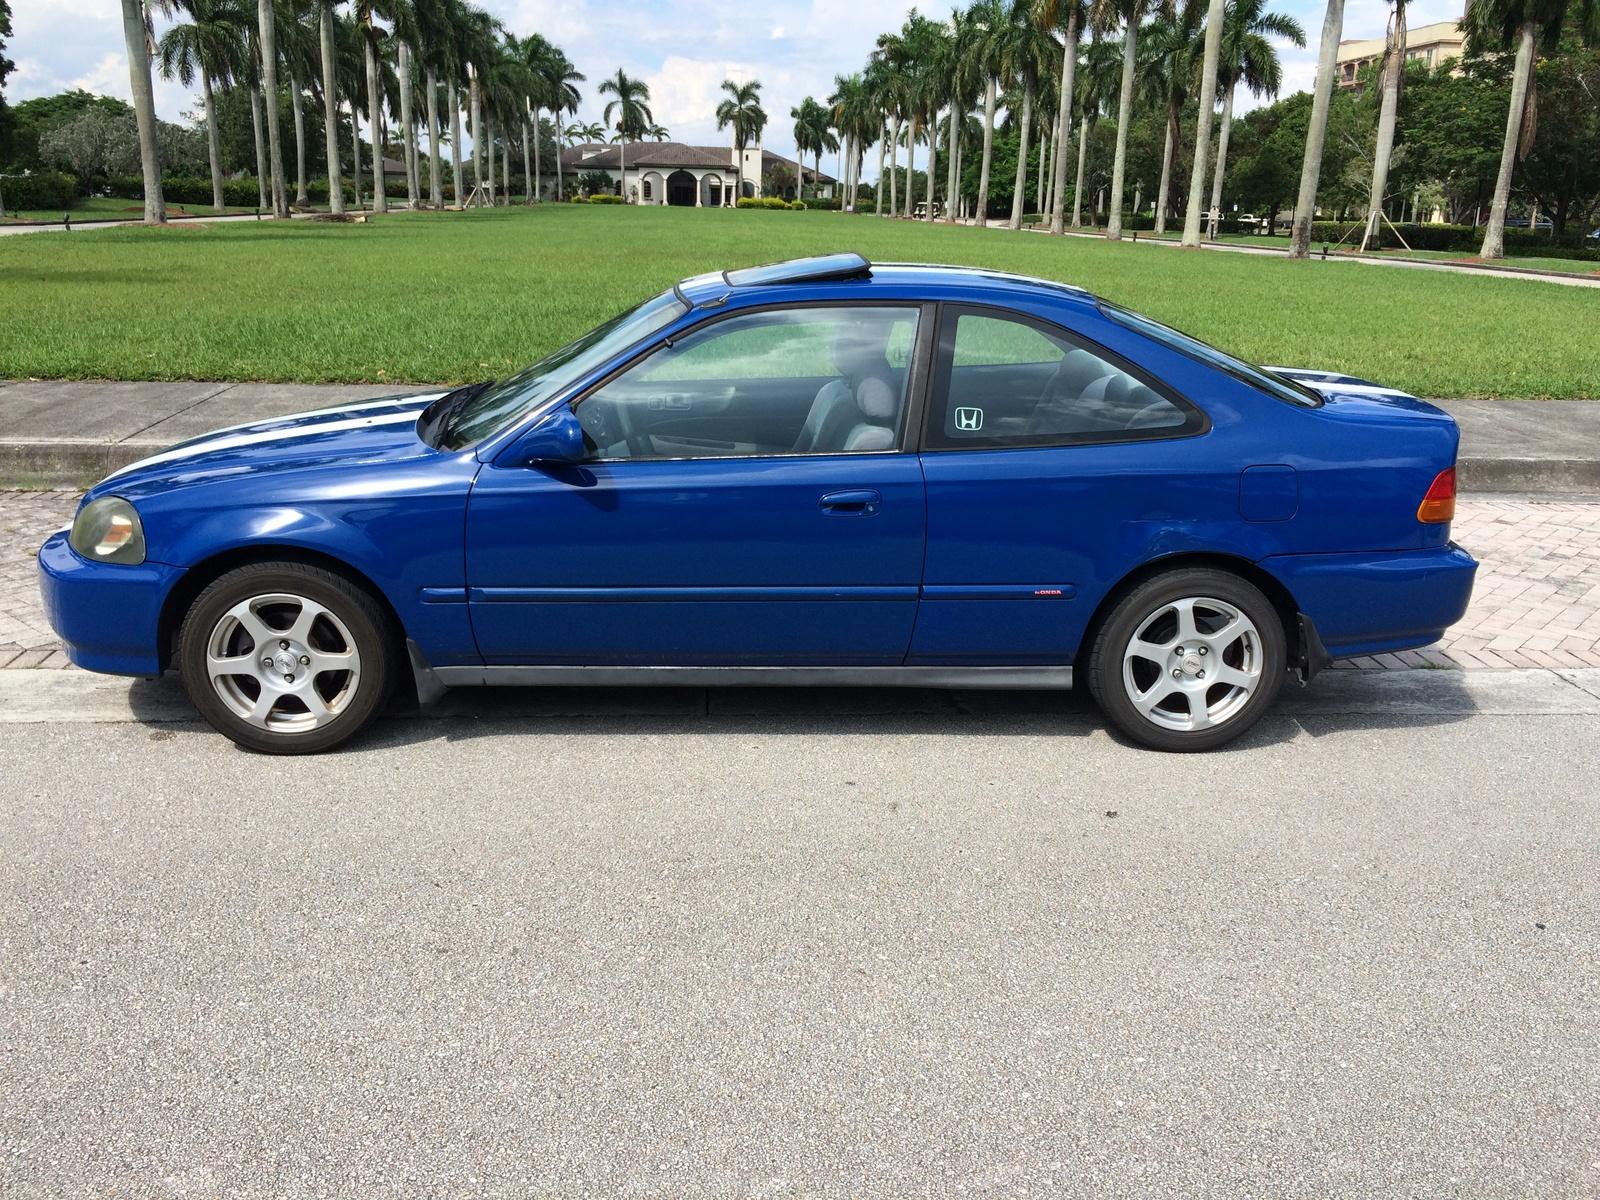 1996 Honda Civic Coupe - Pictures - CarGurus